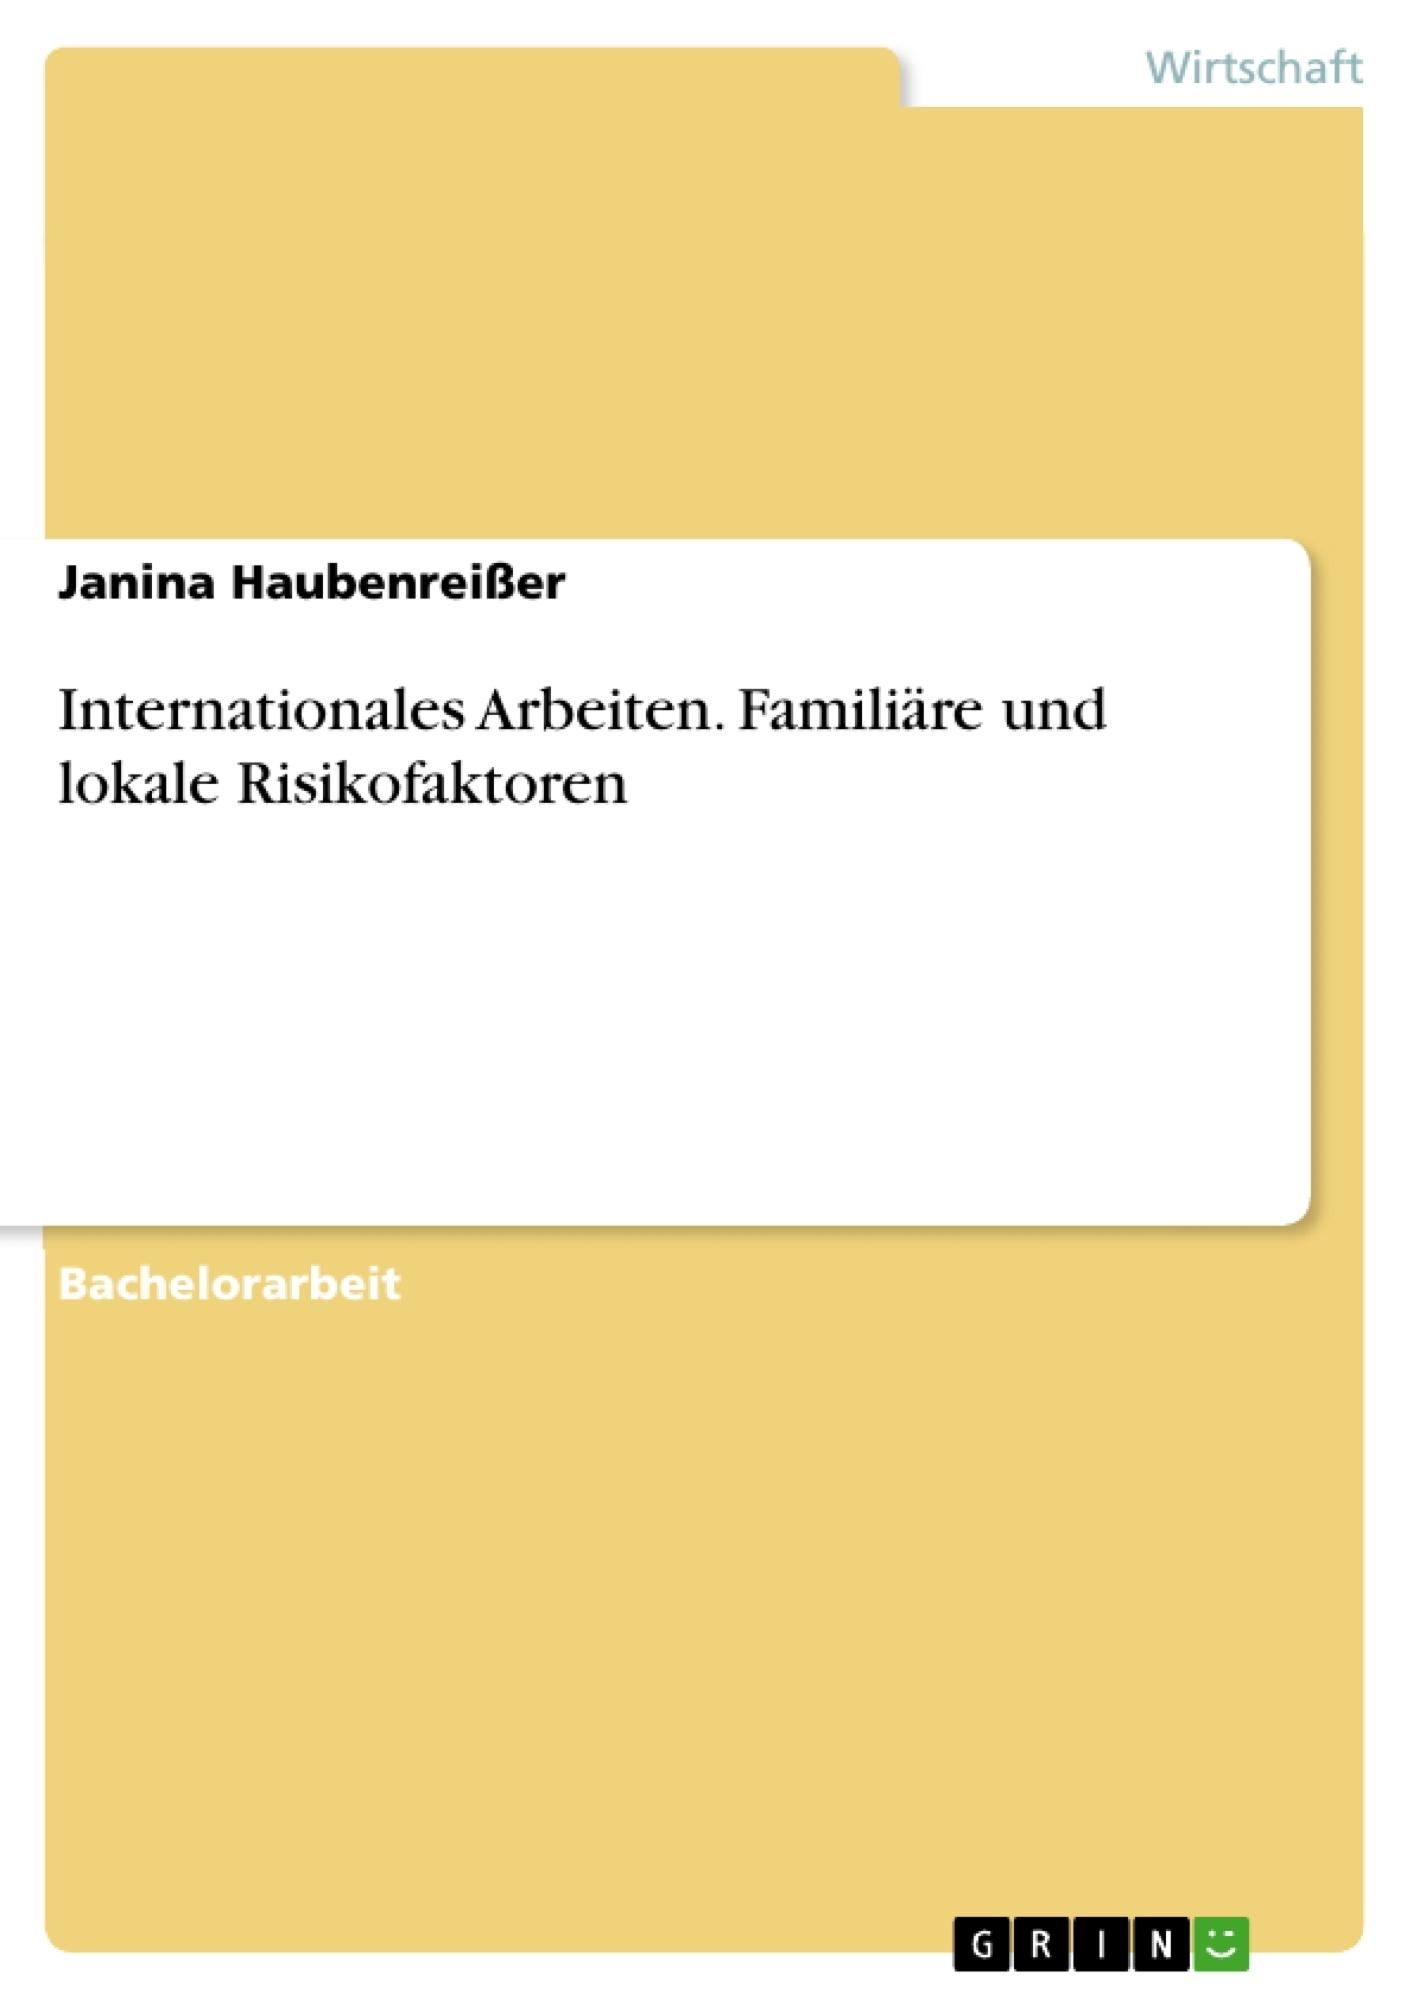 Titel: Internationales Arbeiten. Familiäre und lokale Risikofaktoren